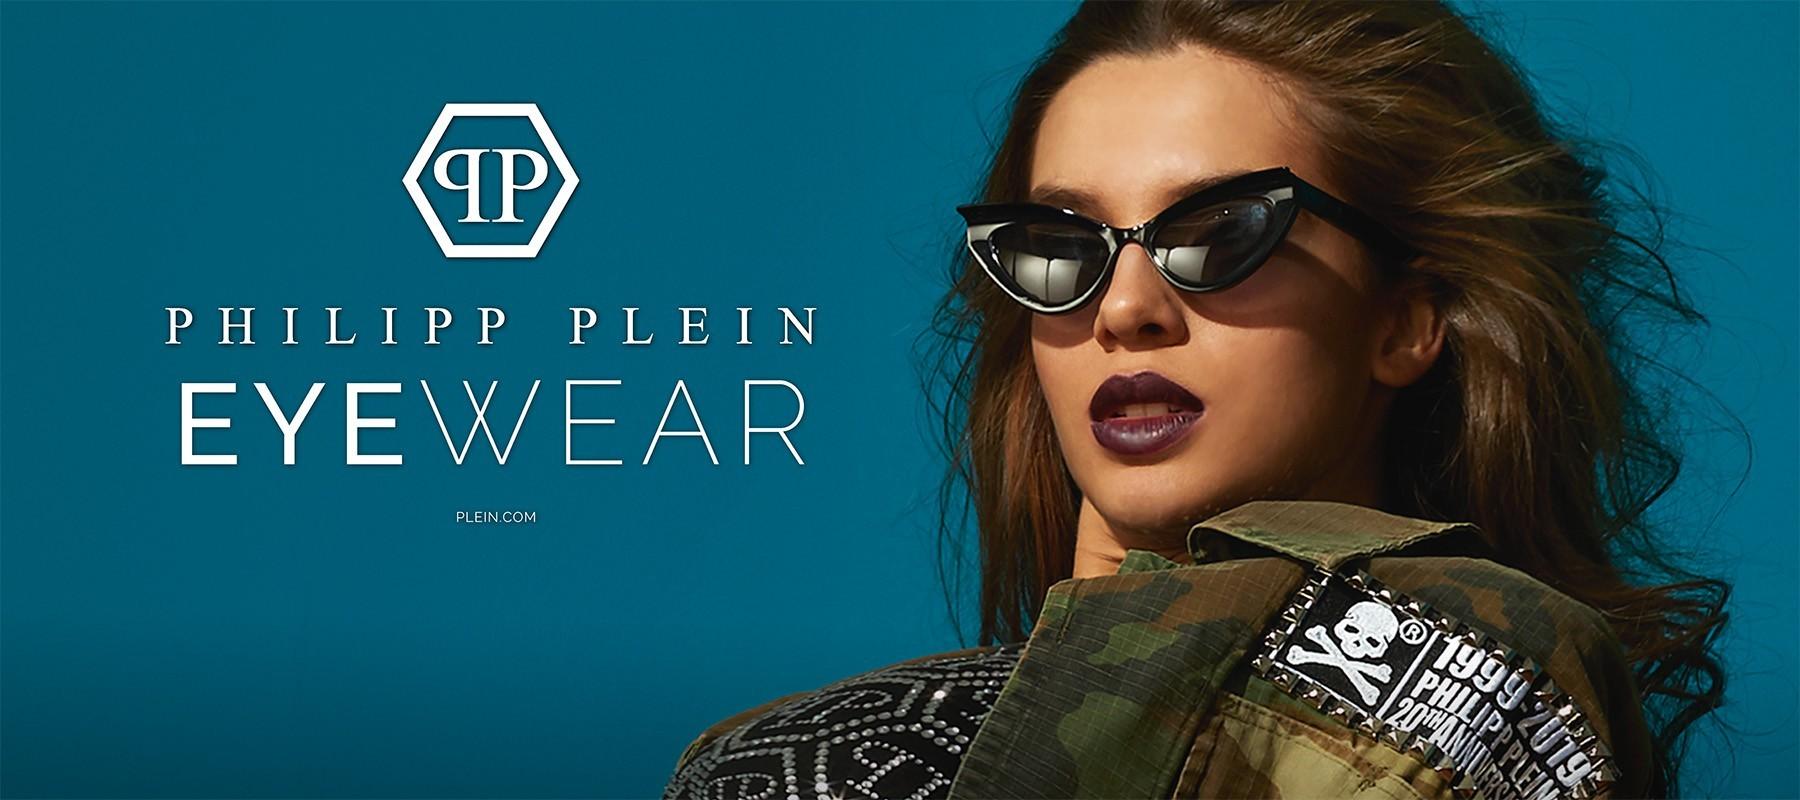 Blaues Foto mit Philipp Plein Logo auf der linken Seite und einem weiblichen Model mit Sonnenbrille und braunen Haaren auf der rechten Seite.